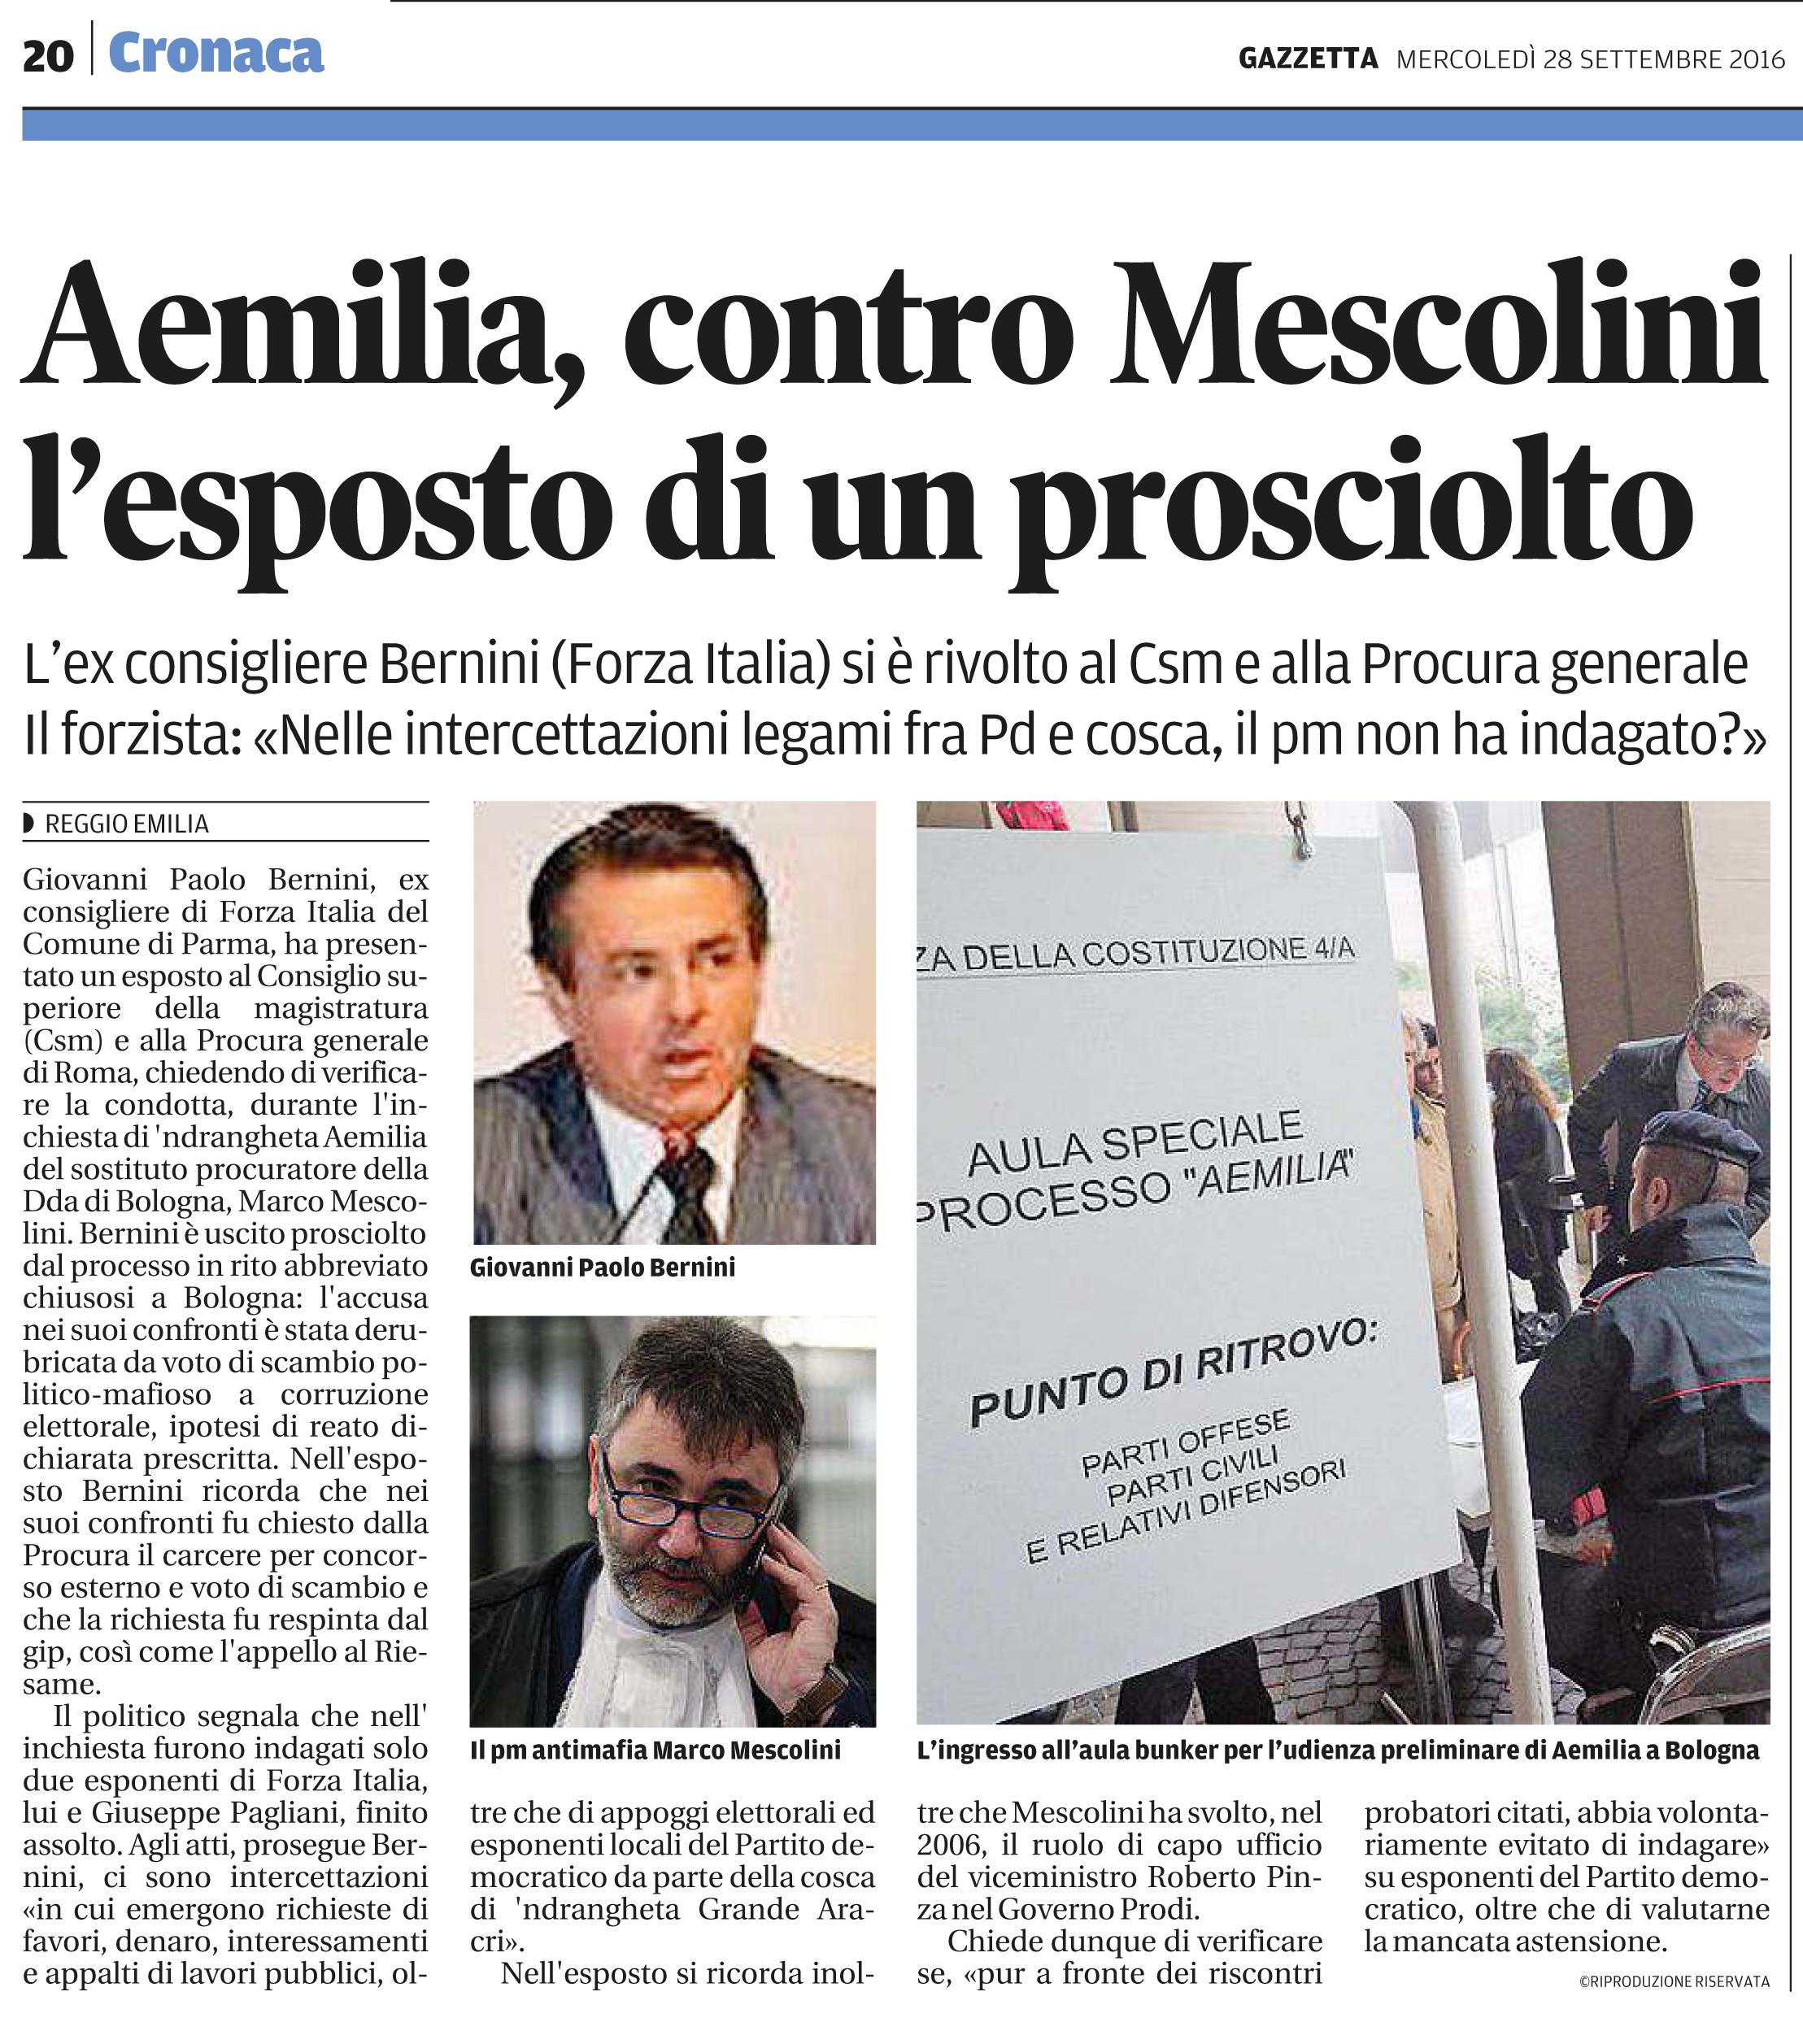 Esposto contro Mescolini